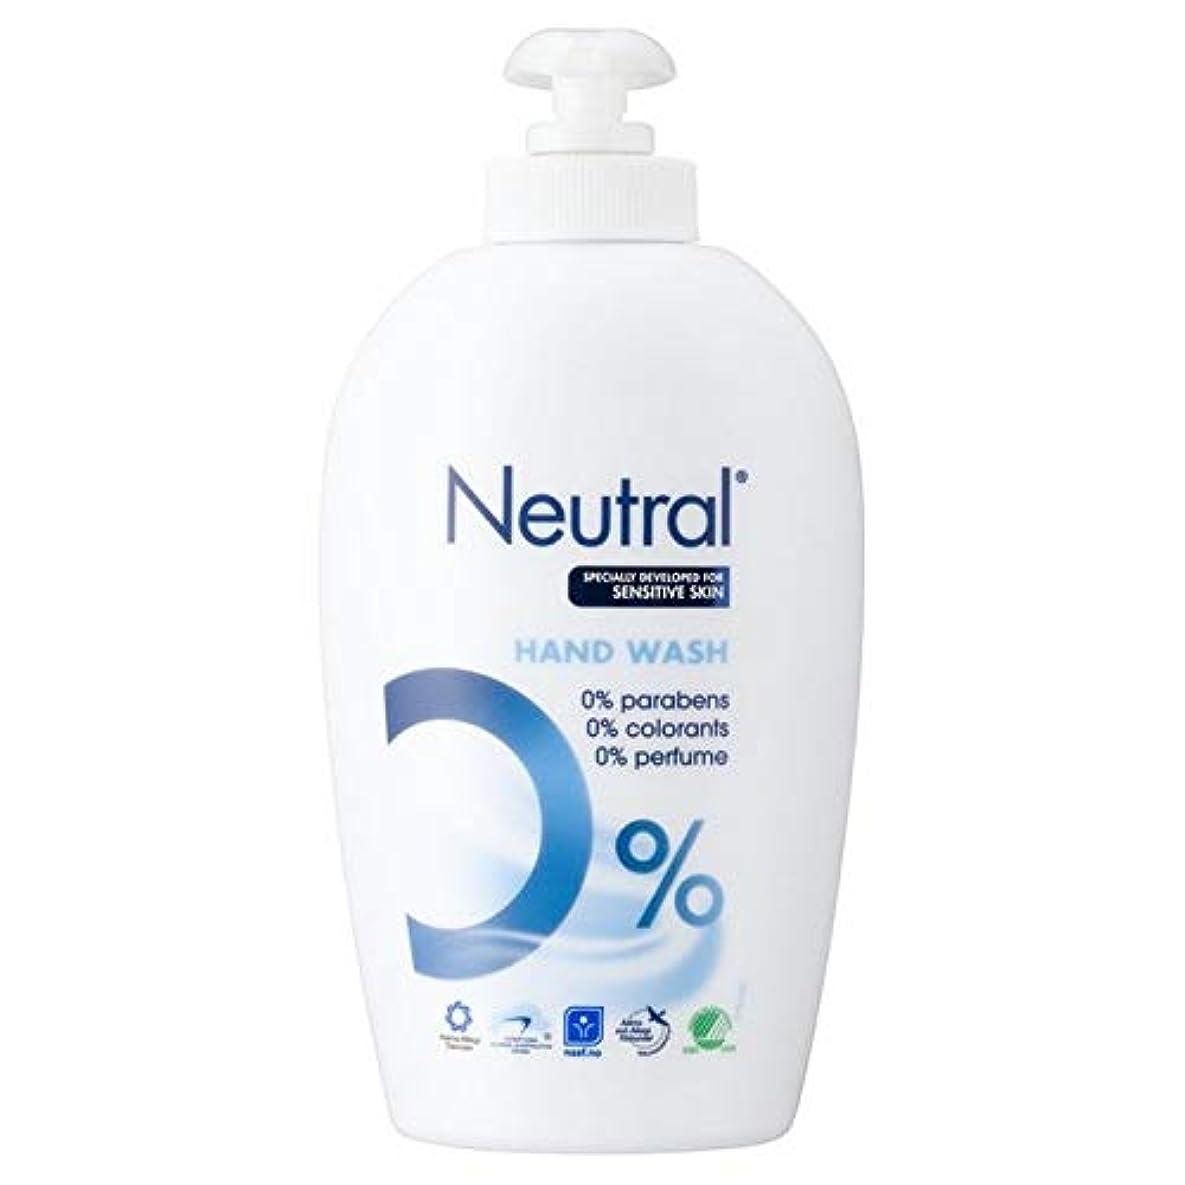 症状エイリアン心配[Neutral ] ニュートラル0%のハンドウォッシュ250ミリリットル - Neutral 0% Hand Wash 250ml [並行輸入品]